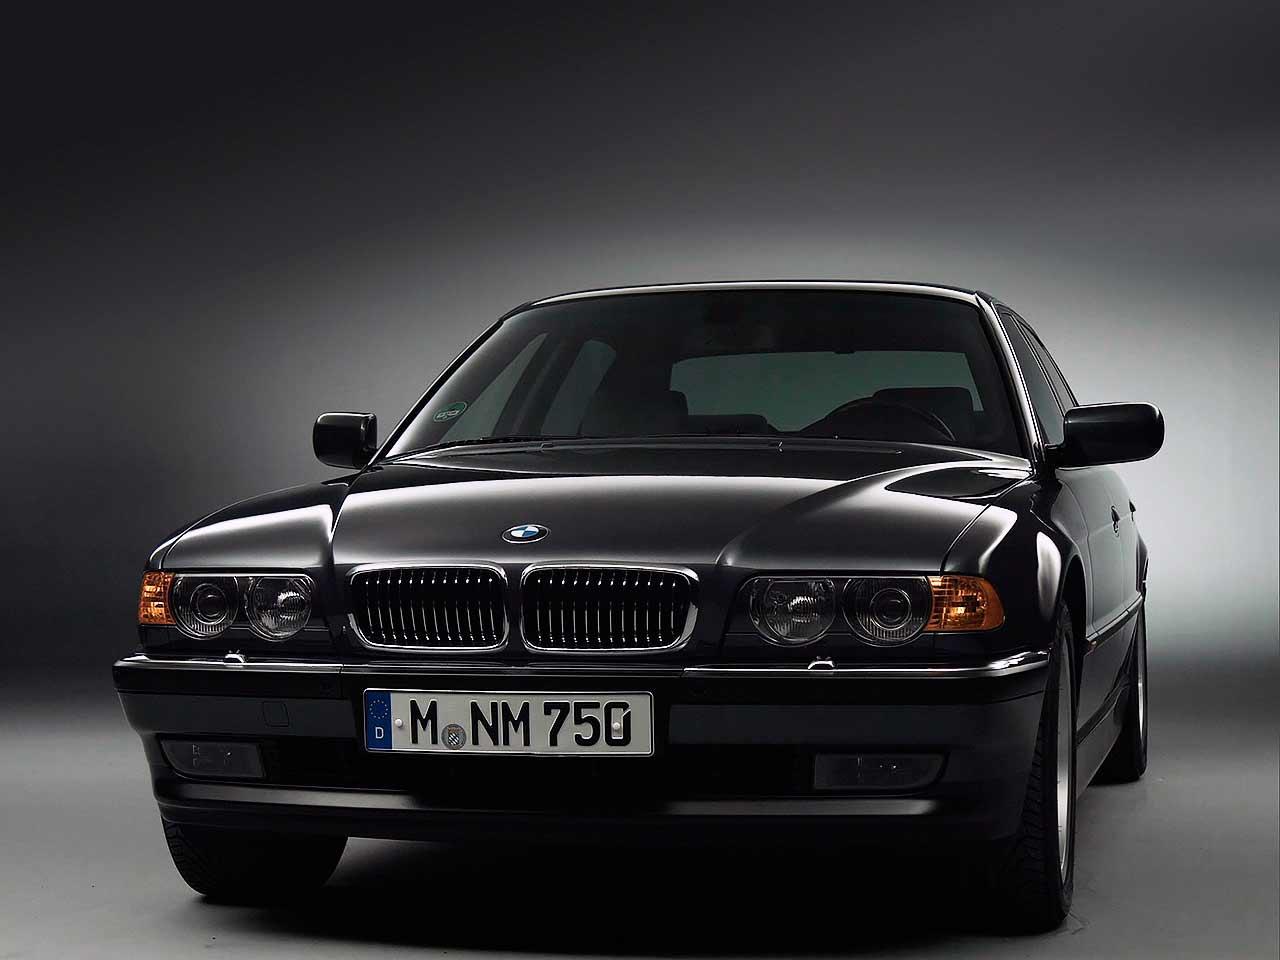 1999 BMW 750iL E38 facelift